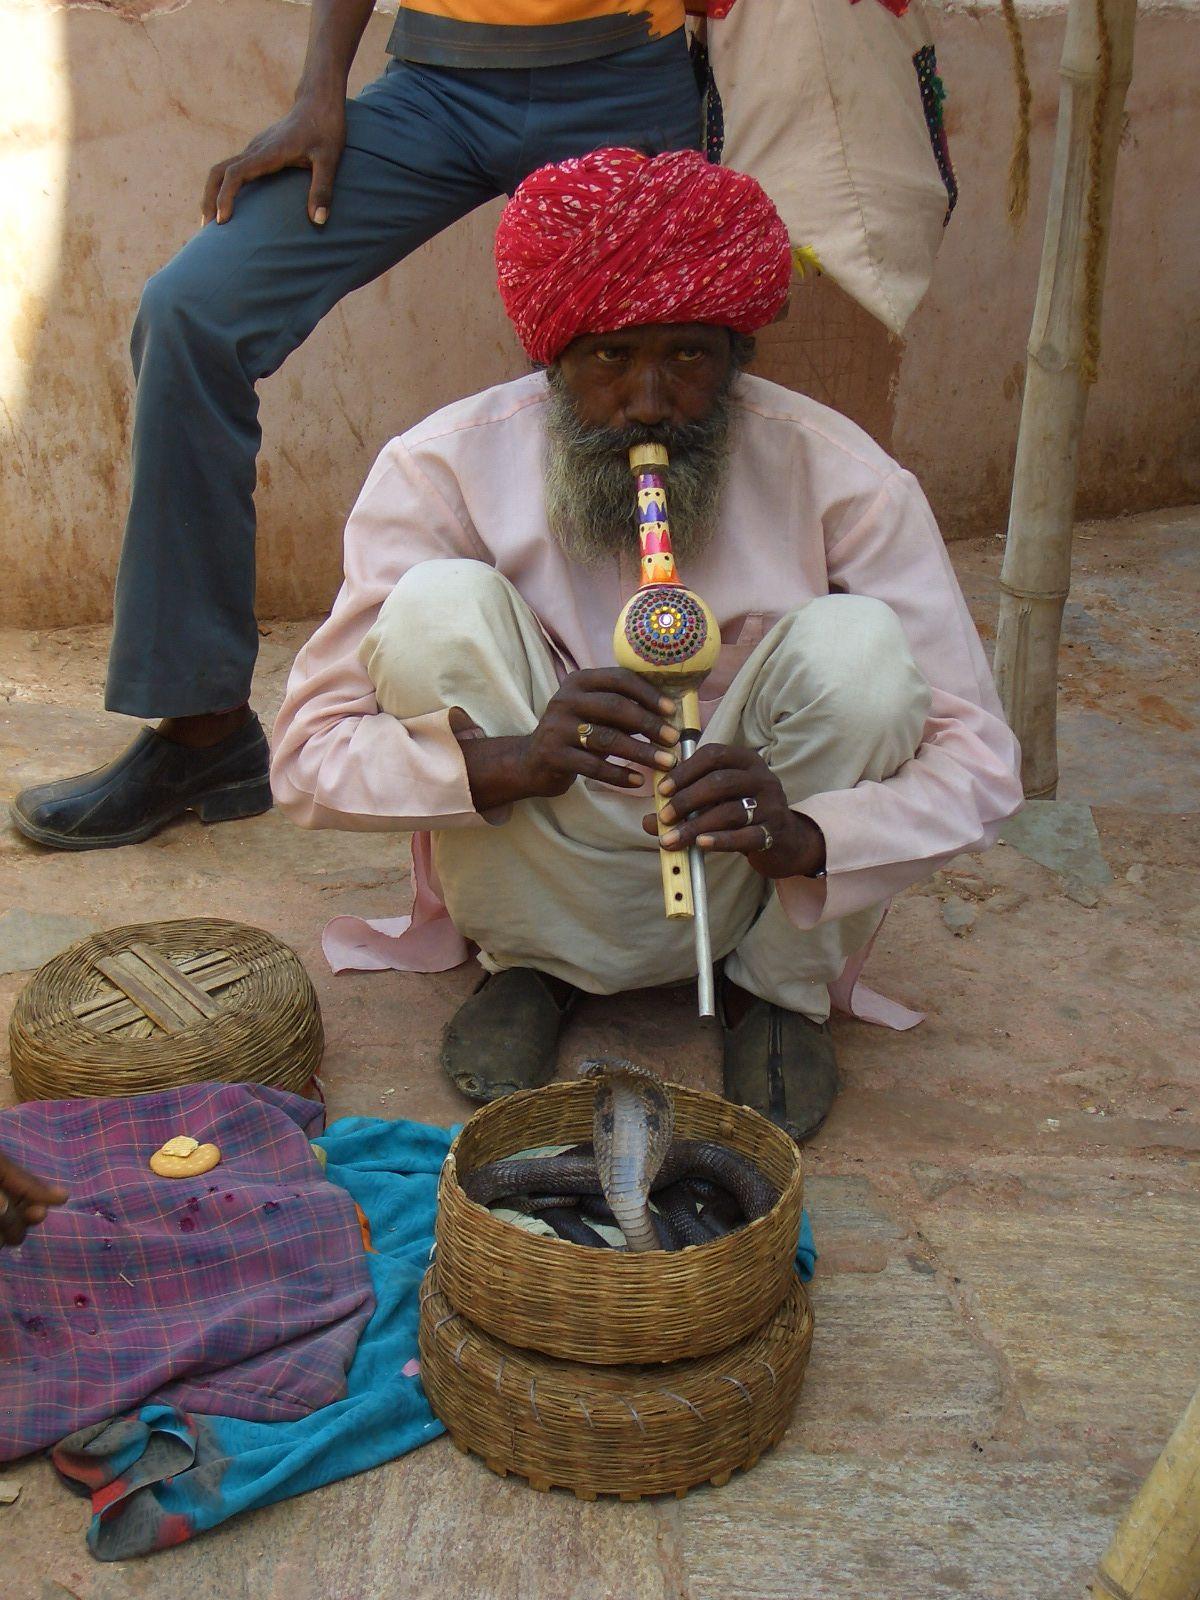 Schlangenbeschwörer, Heiliger in Indien mit Kobra schlange